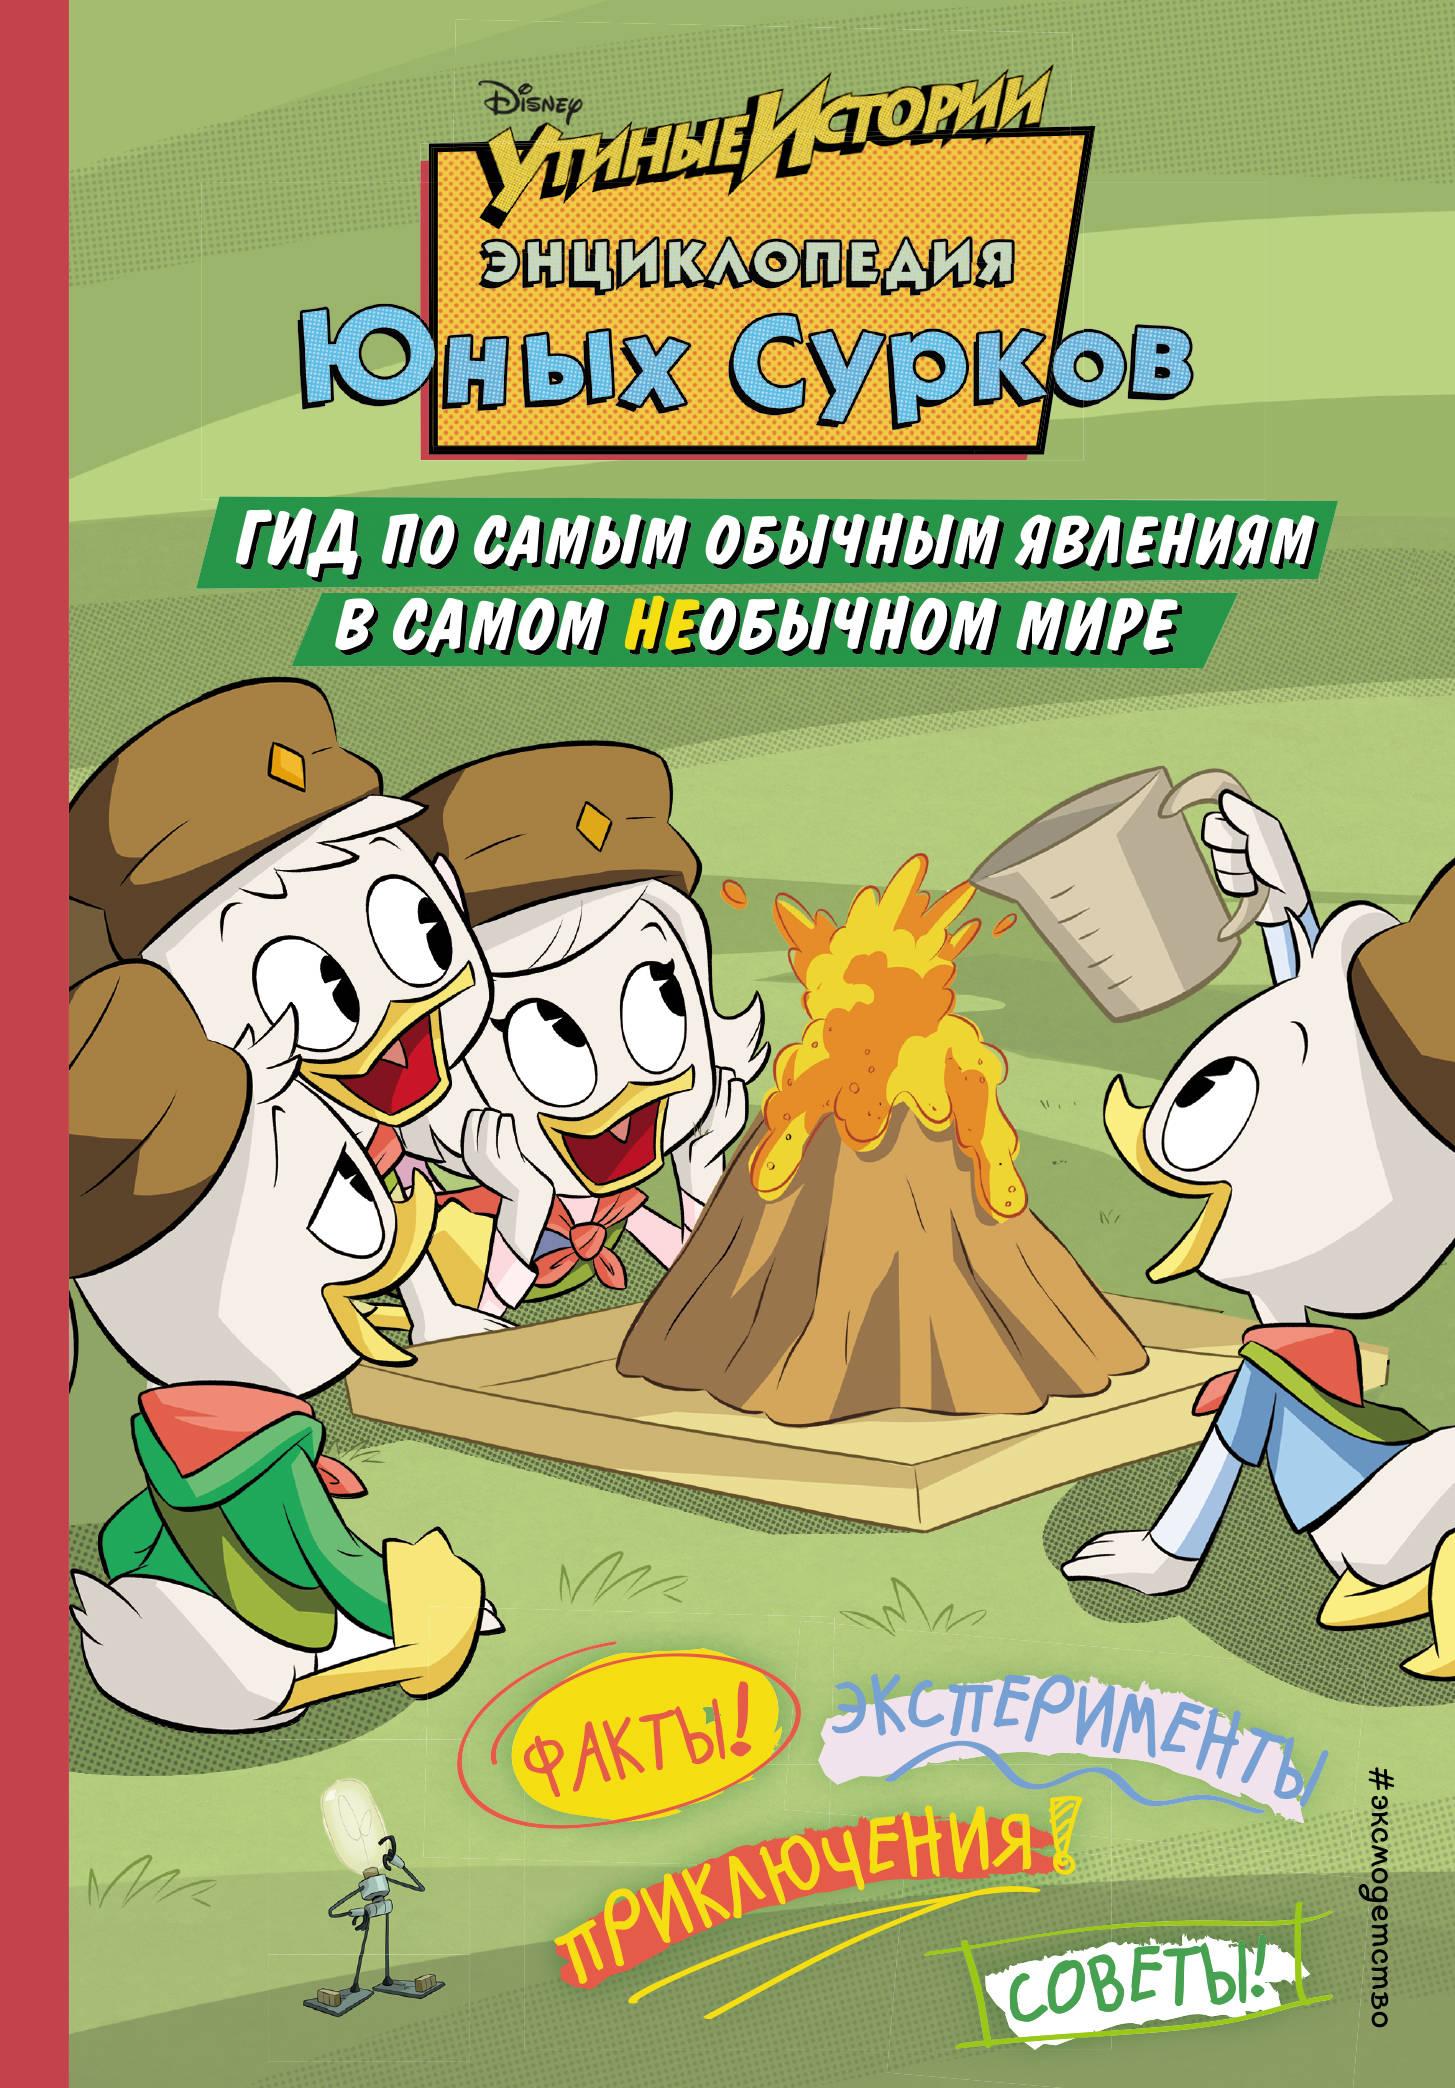 Entsiklopedija Junykh Surkov. Gid po samym obychnym javlenijam v samom neobychnom mire